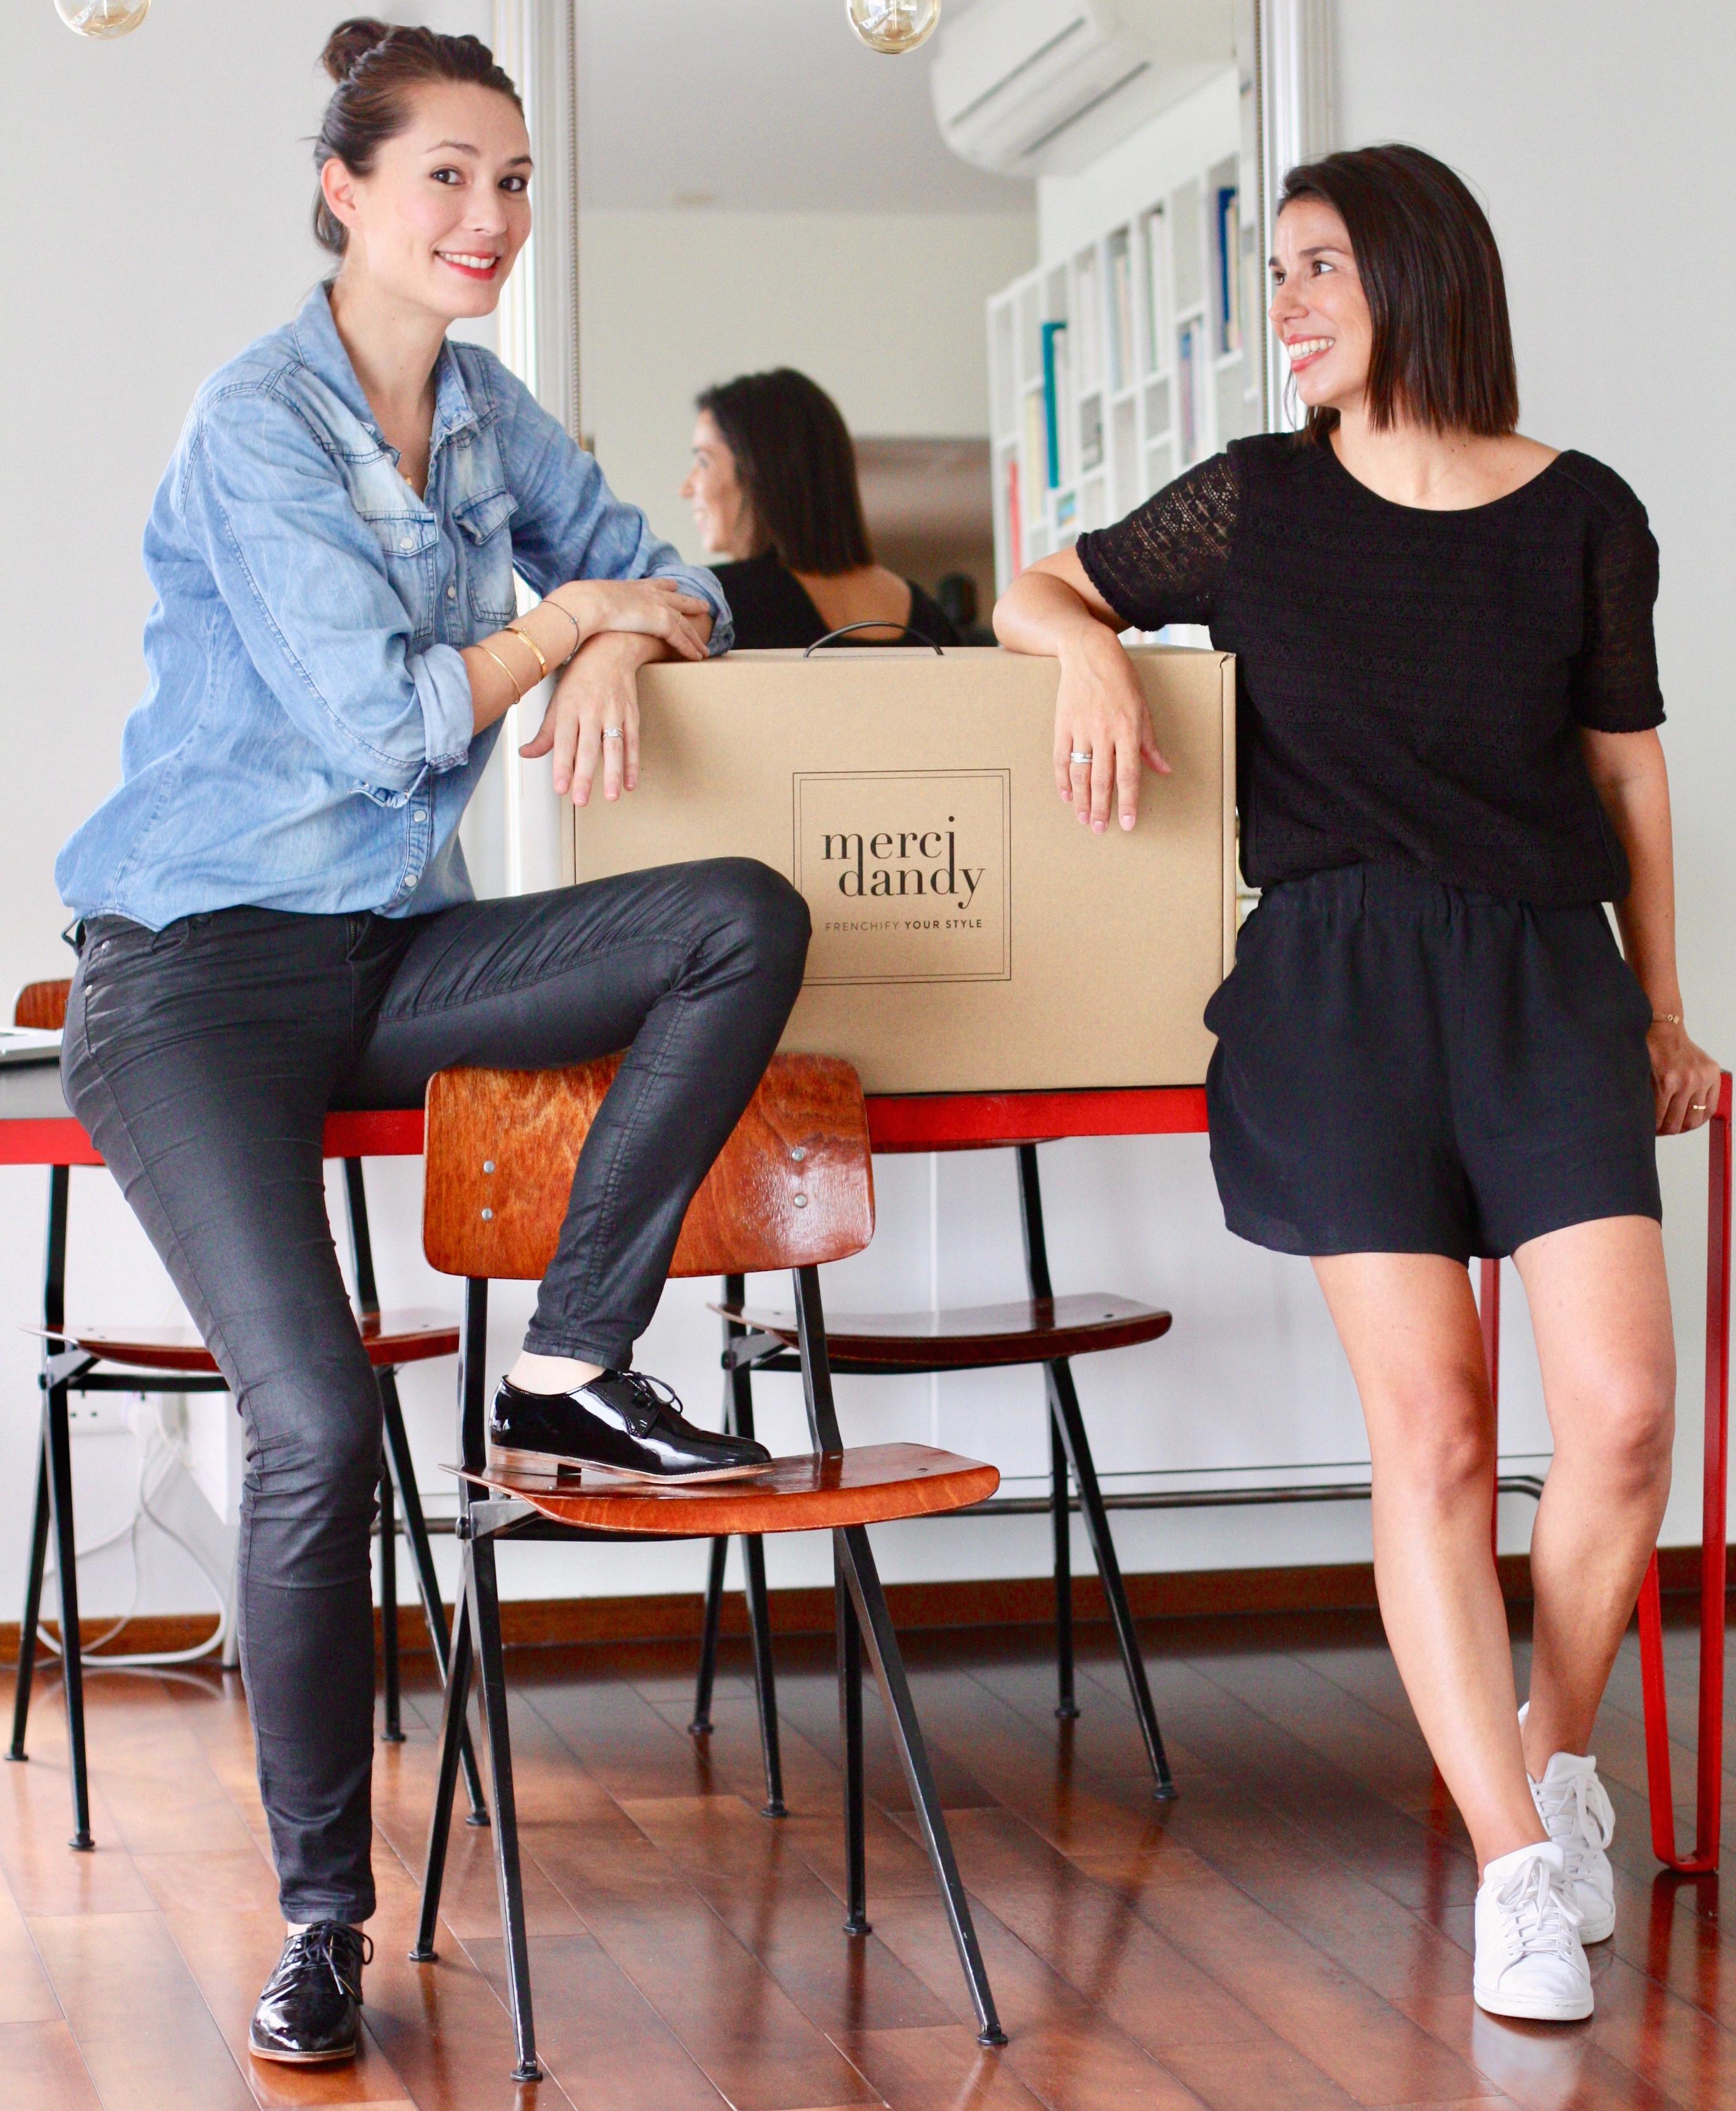 將Lalamove 融入電子商務,讓貨物運送得更快更輕鬆